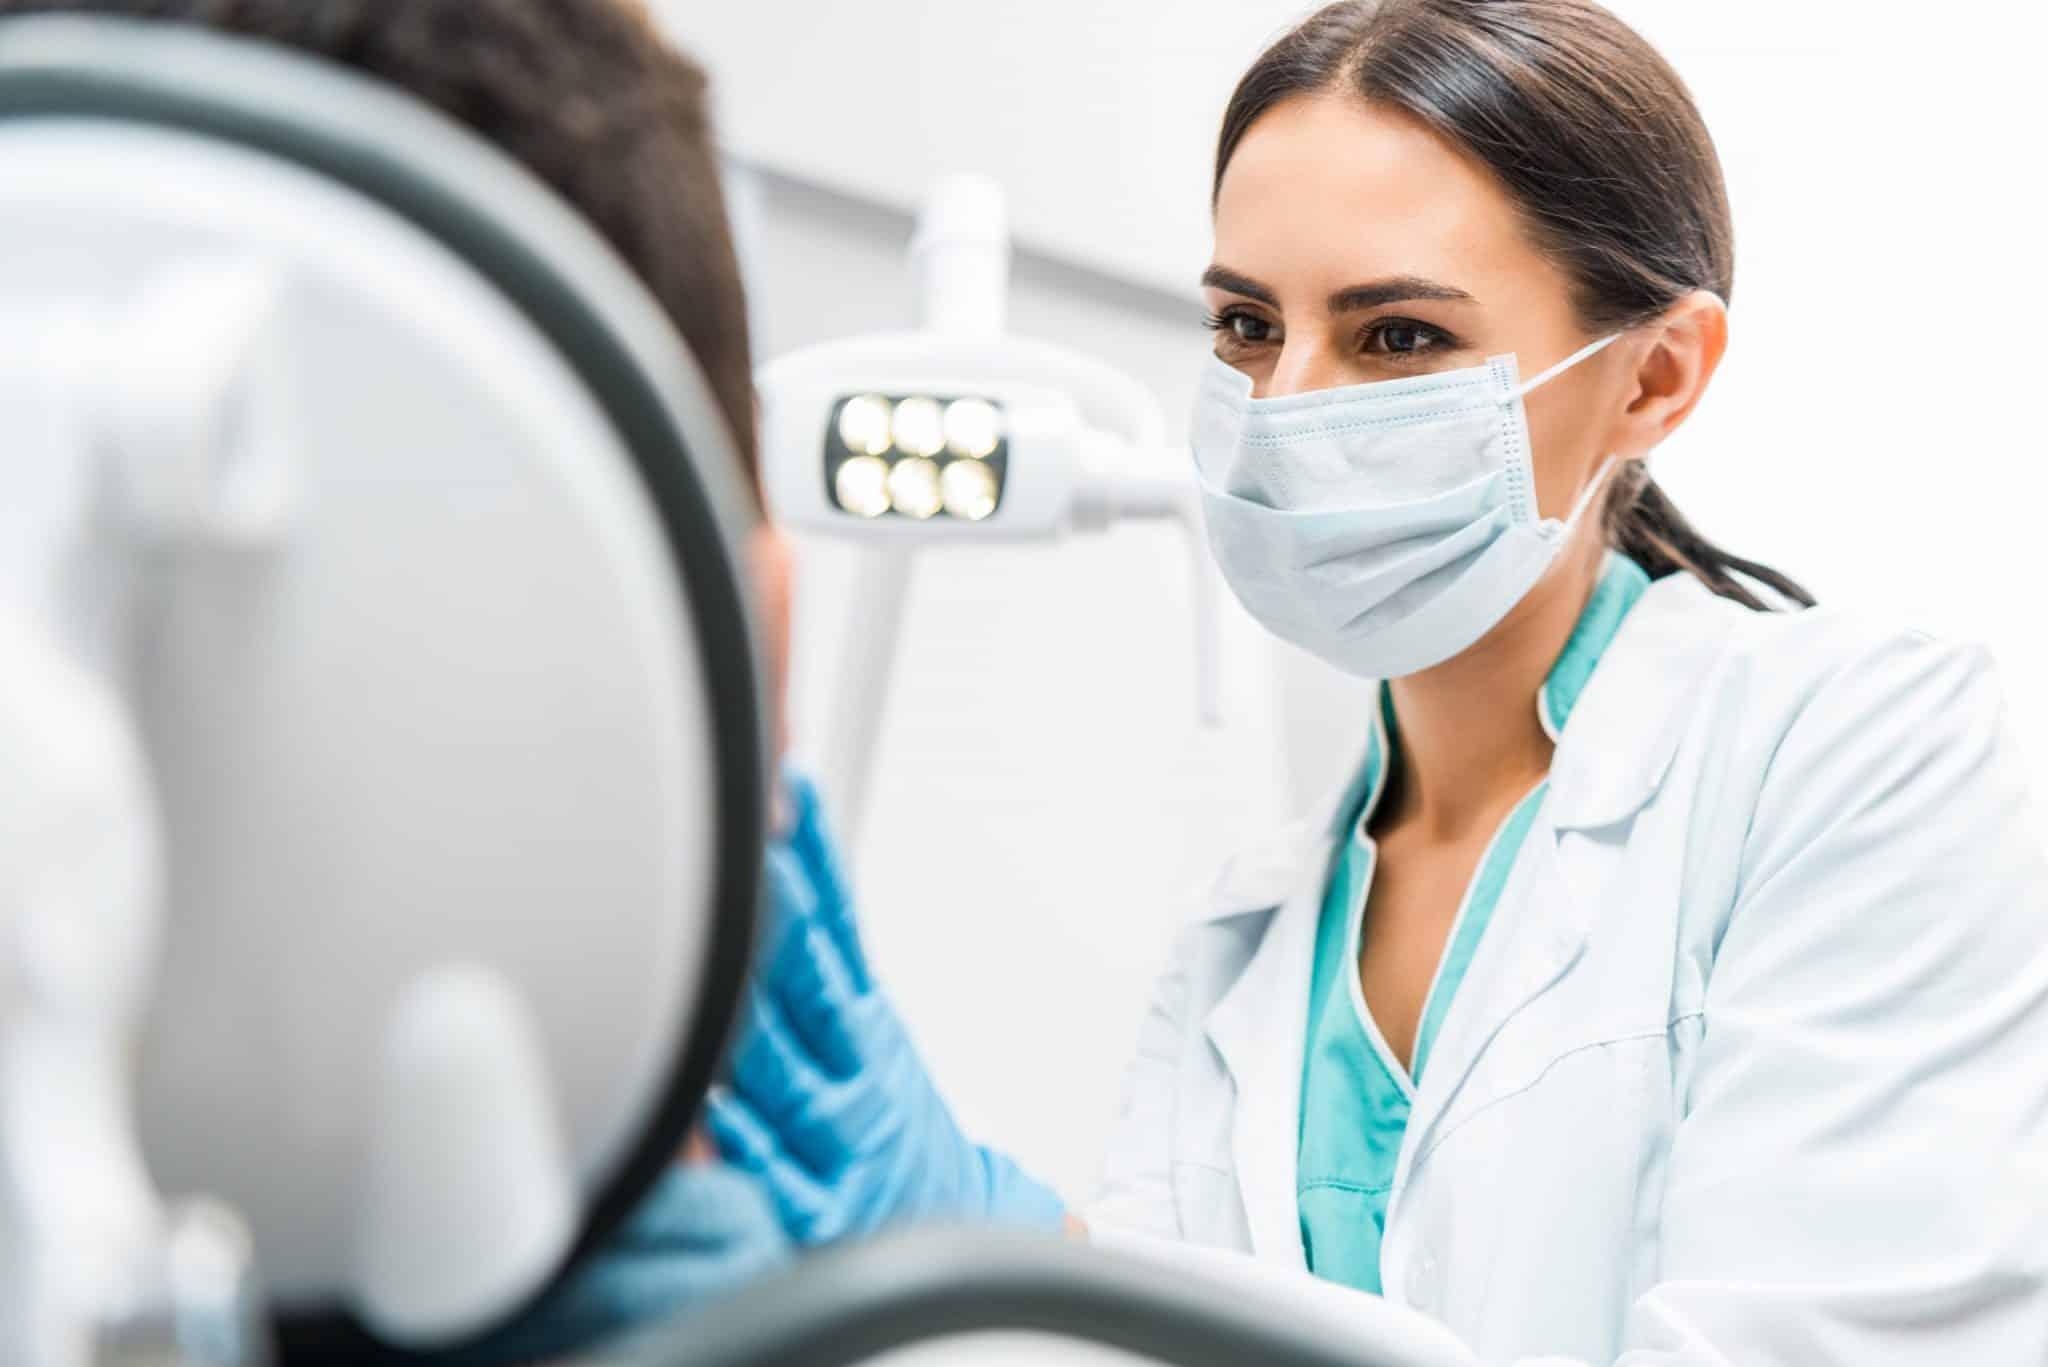 wholesale-medical-face-masks